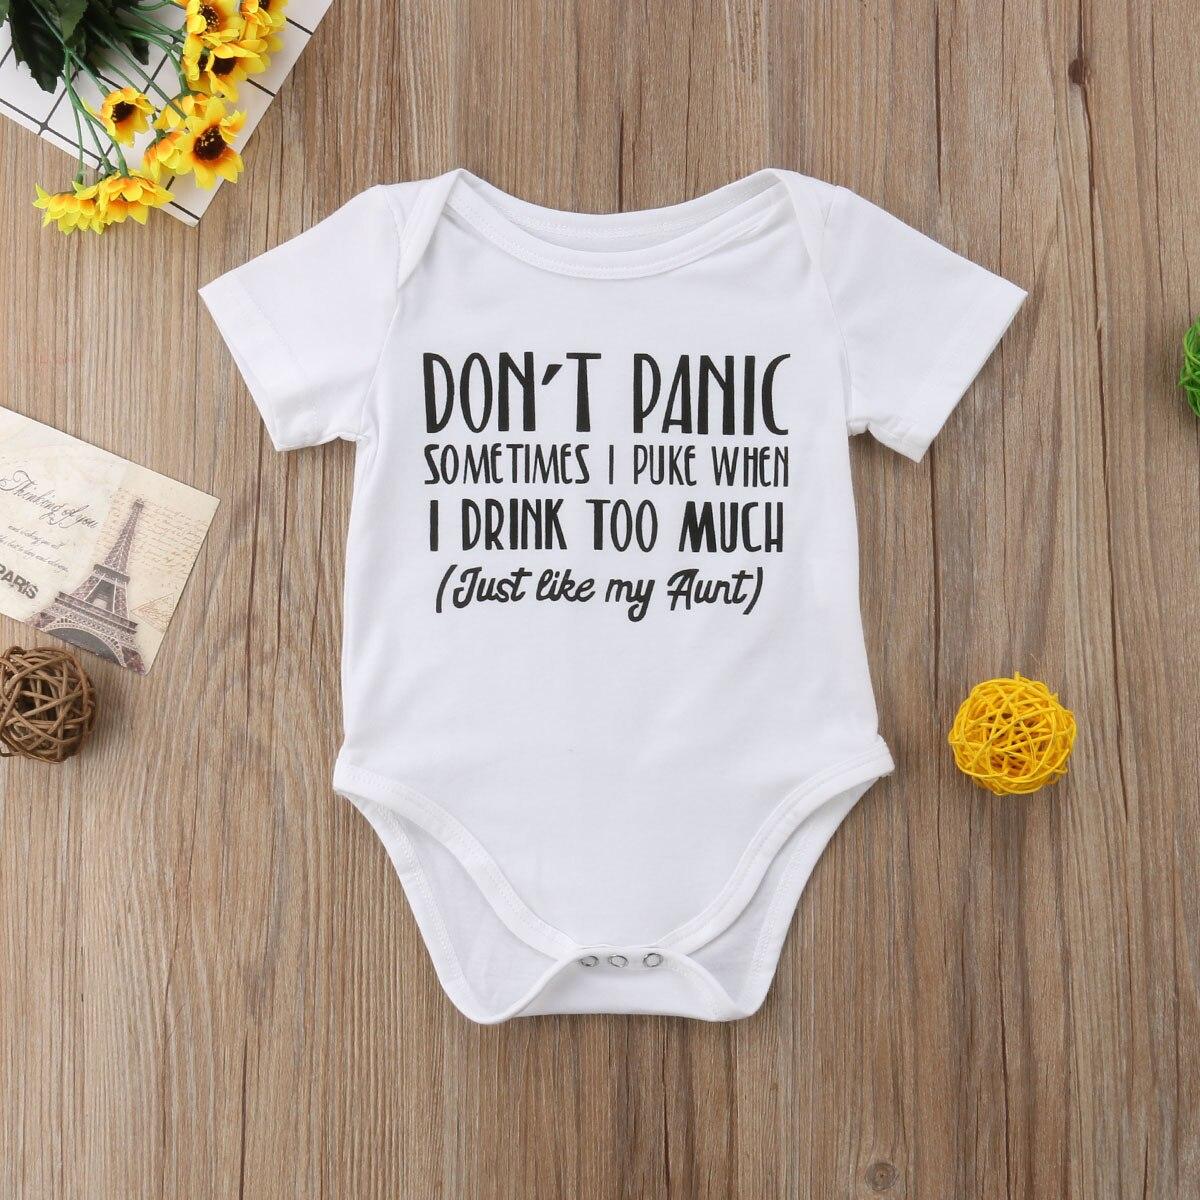 الجانب القطري صادق السفر adorable baby clothes